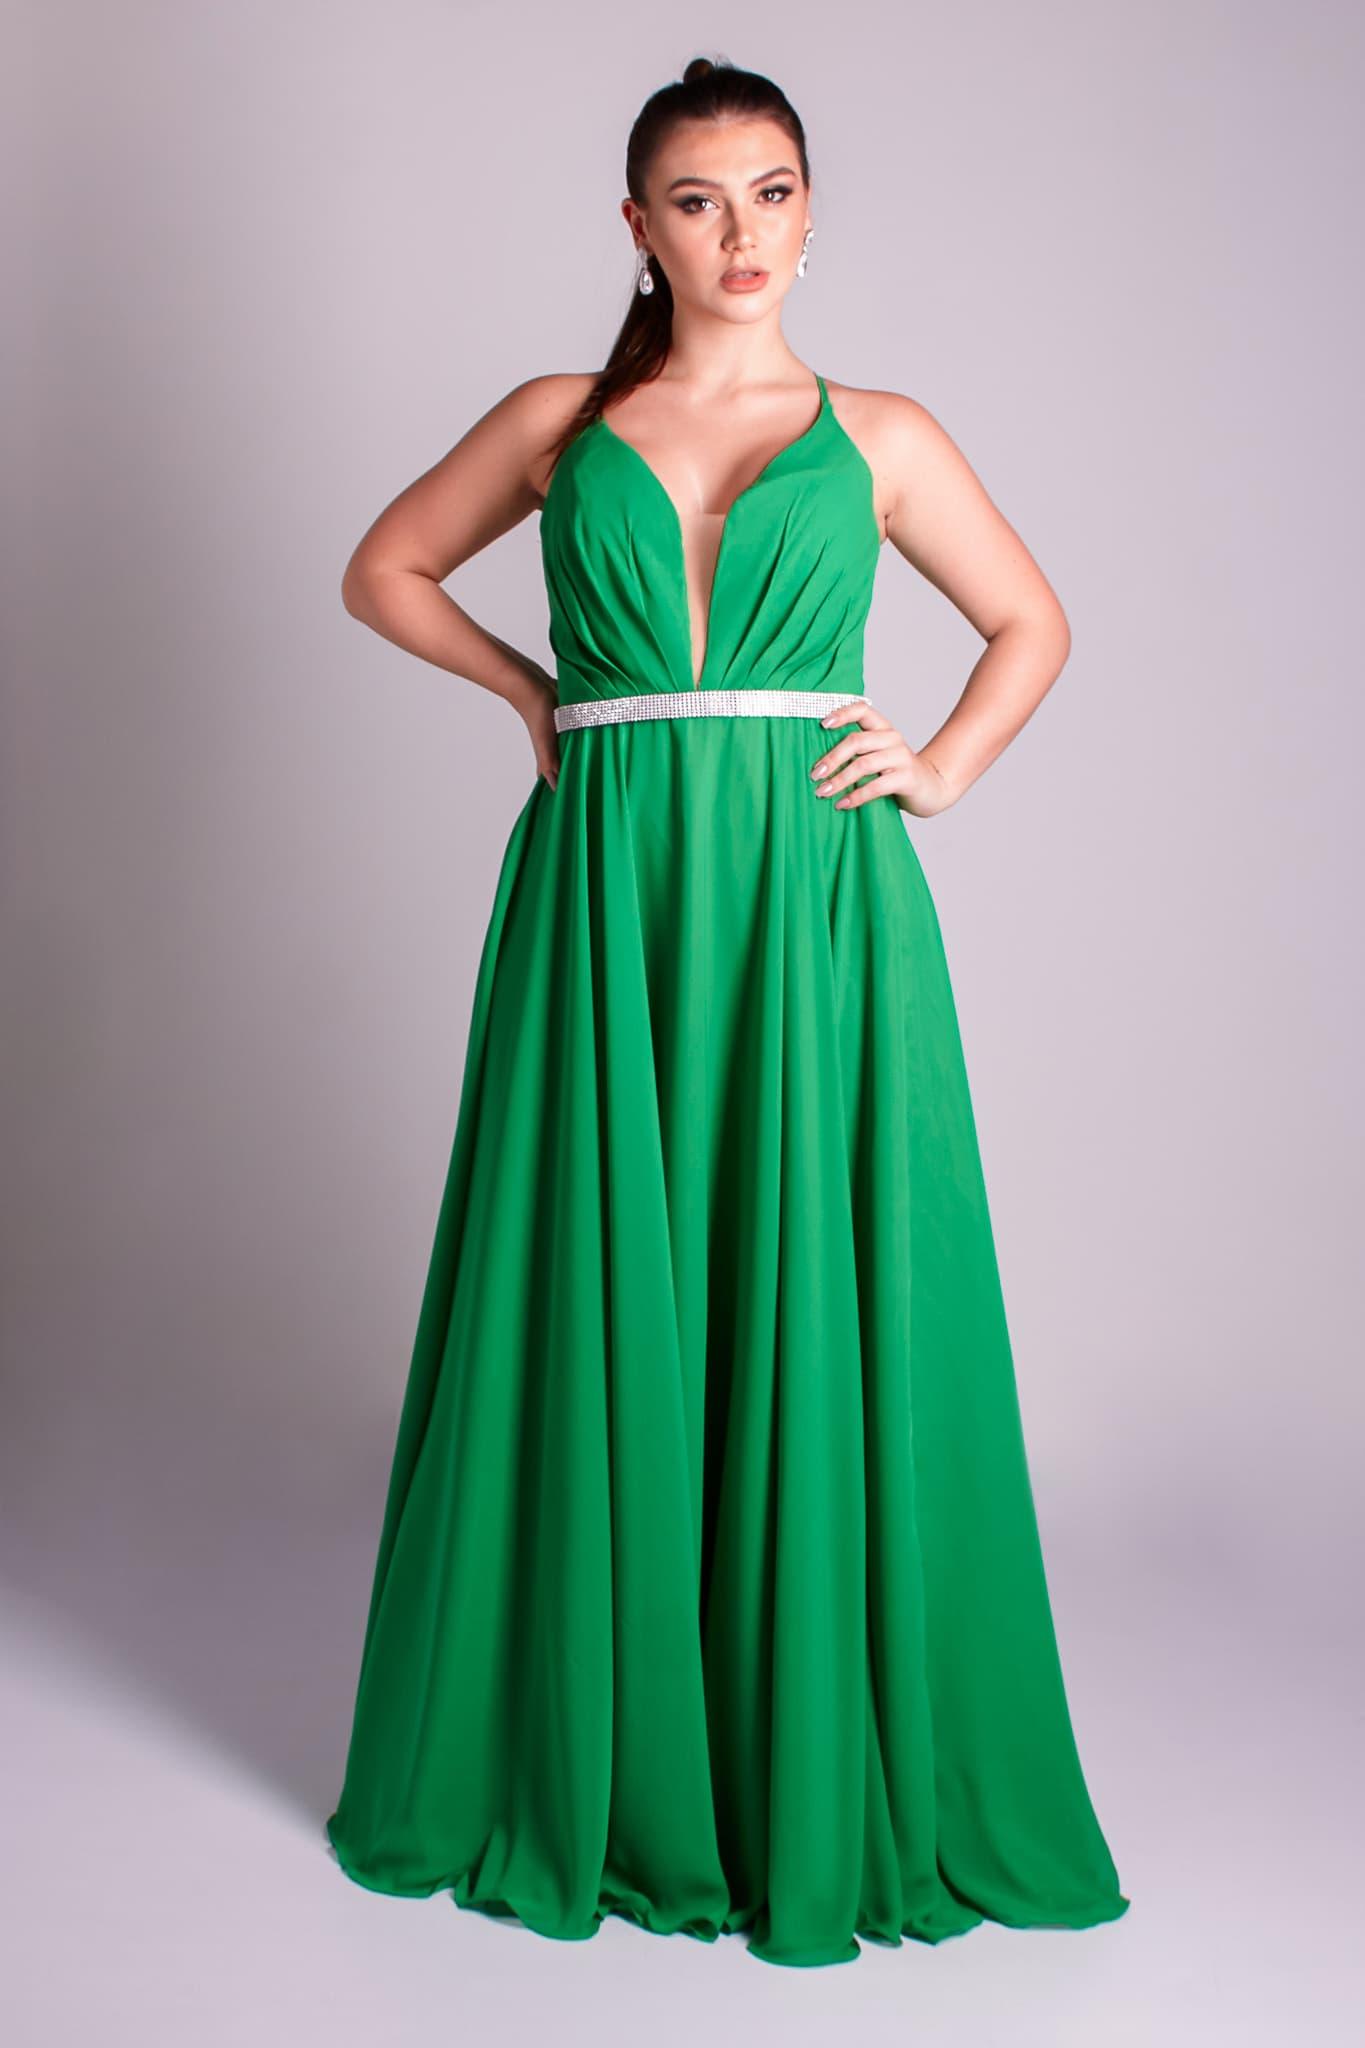 63 - vestido verde esmeralda fluido, trançado nas costas